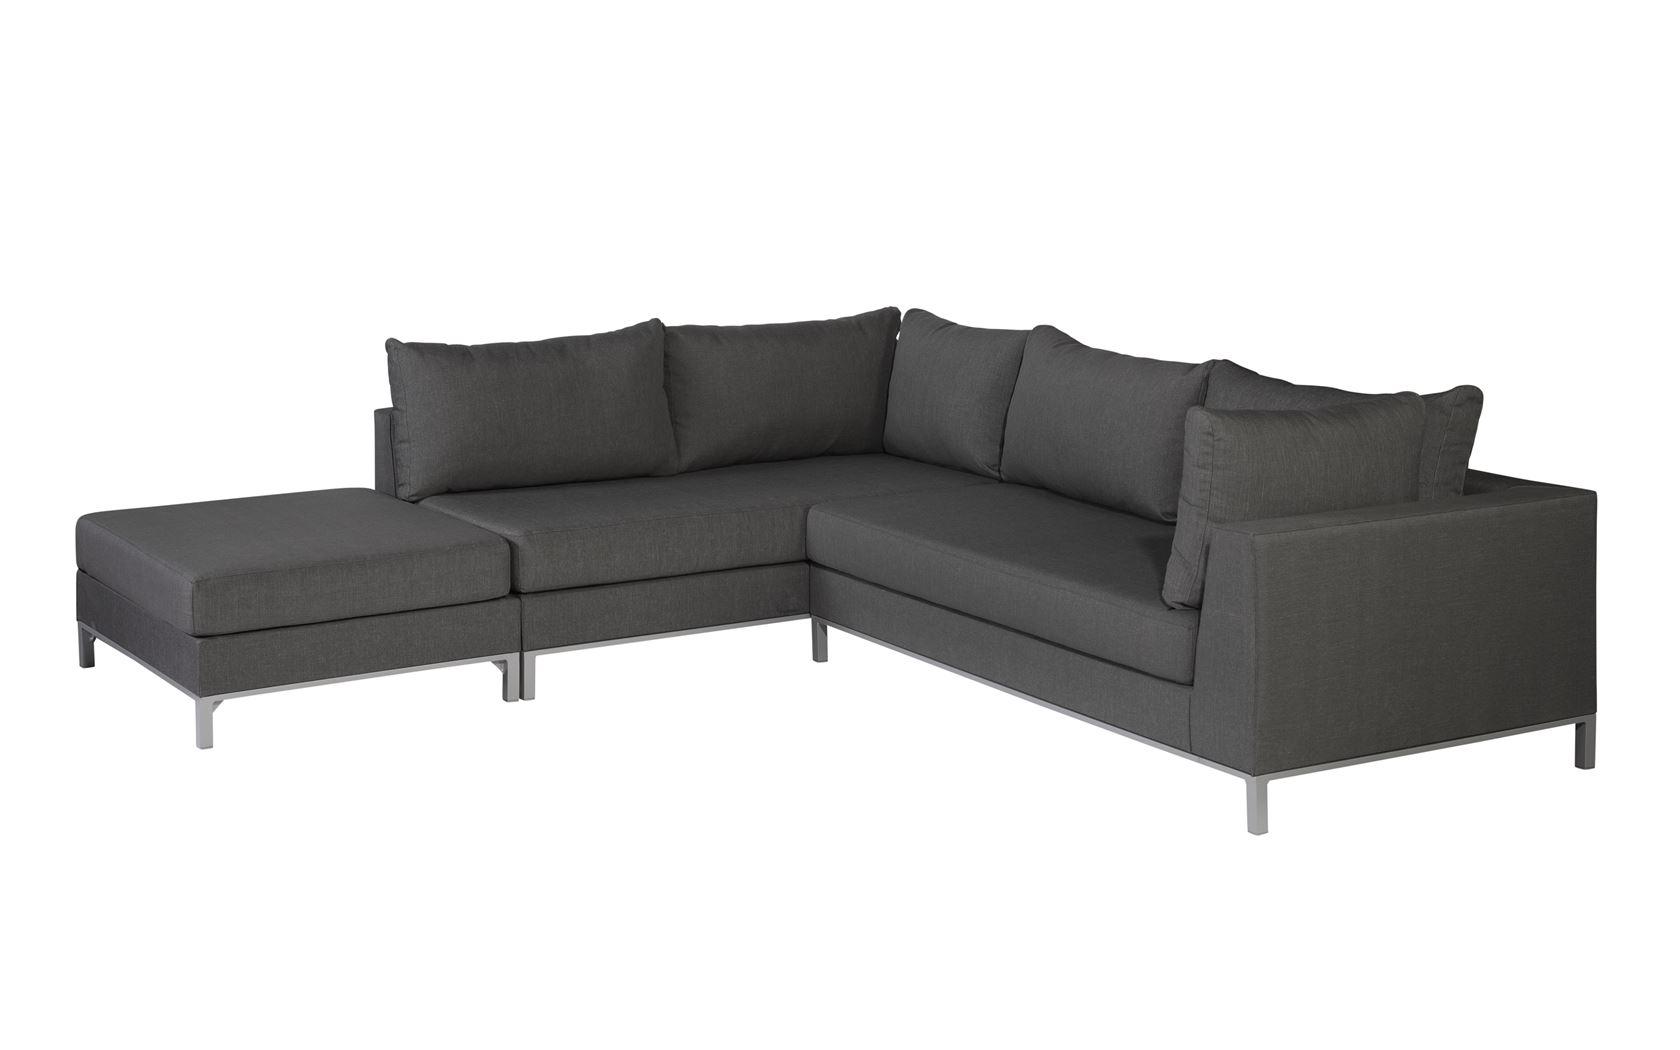 exotan sicilië lounge corner set left with hocker ash grey